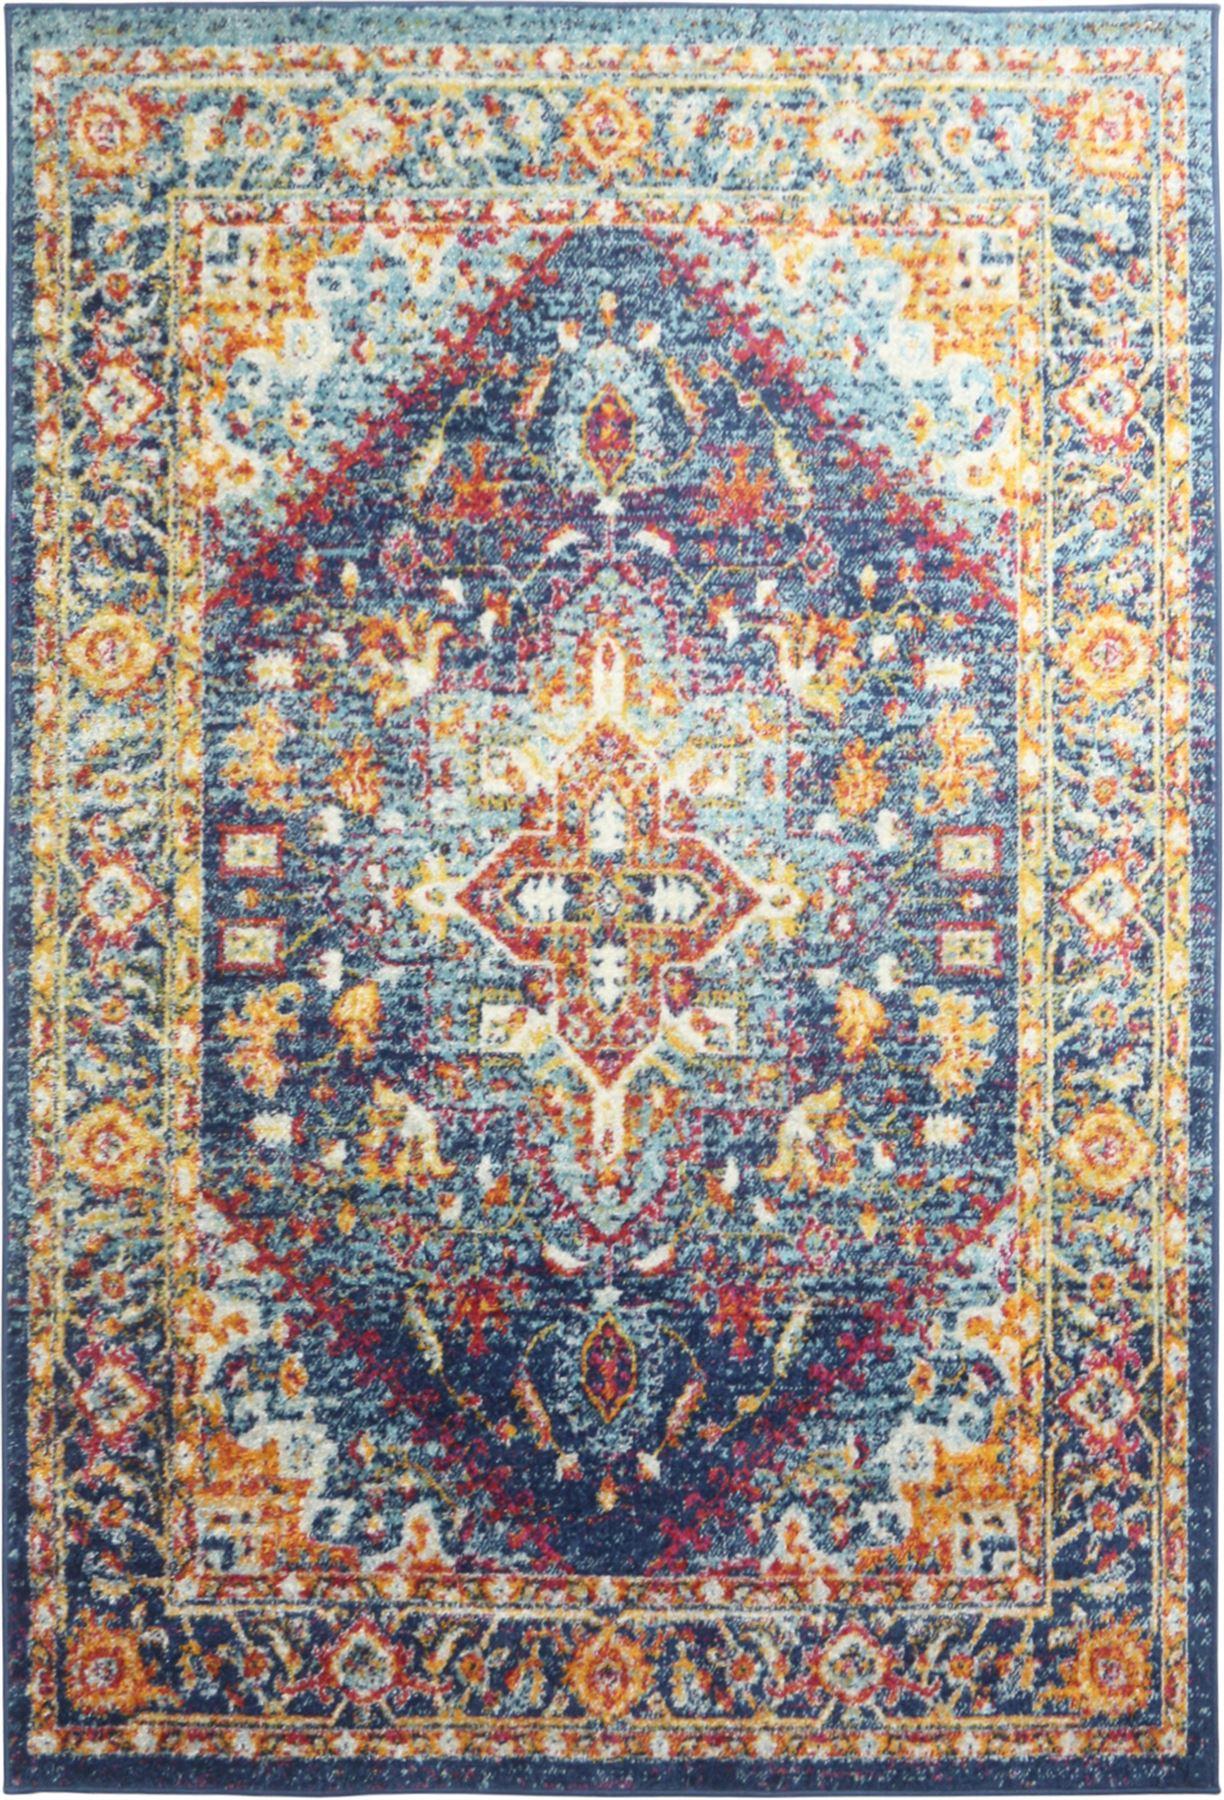 Chelsea Z176 Tradicional Vintage Area Rugs Alfombras Diseñador Grande Pequeño Pequeño Grande 5a8a04